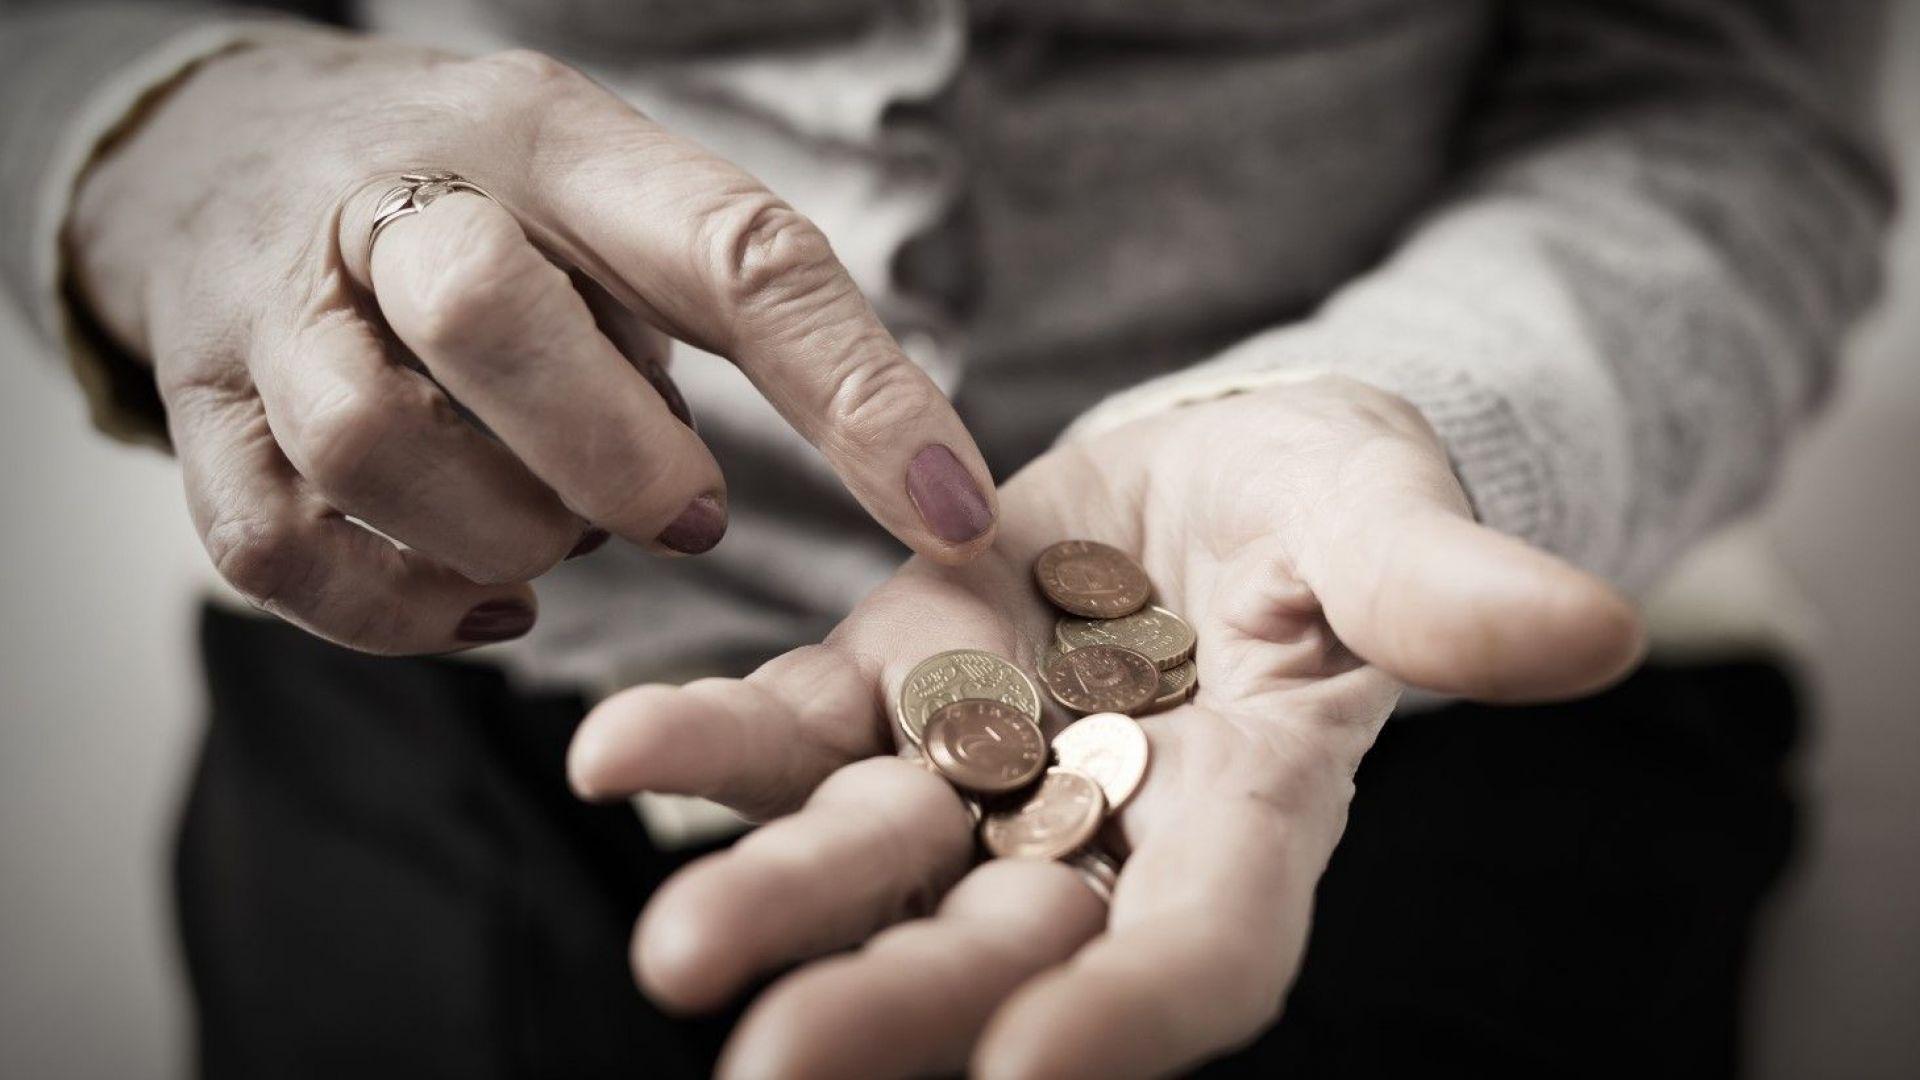 Европейски продукт за лично пенсионно осигуряване ще ни даде нормални пенсии